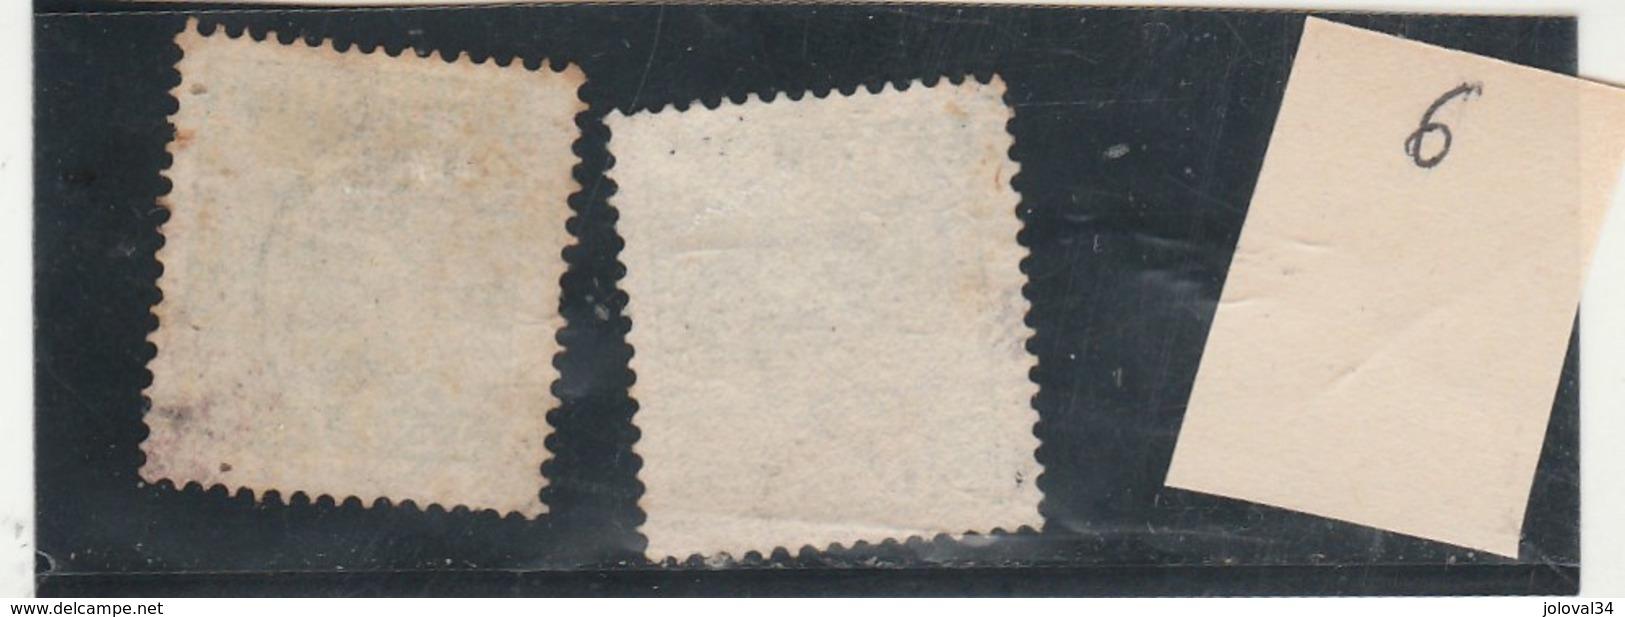 SUEDE -   Yvert N° 6 X 2 Oblitérés - 2 Scan - Suède